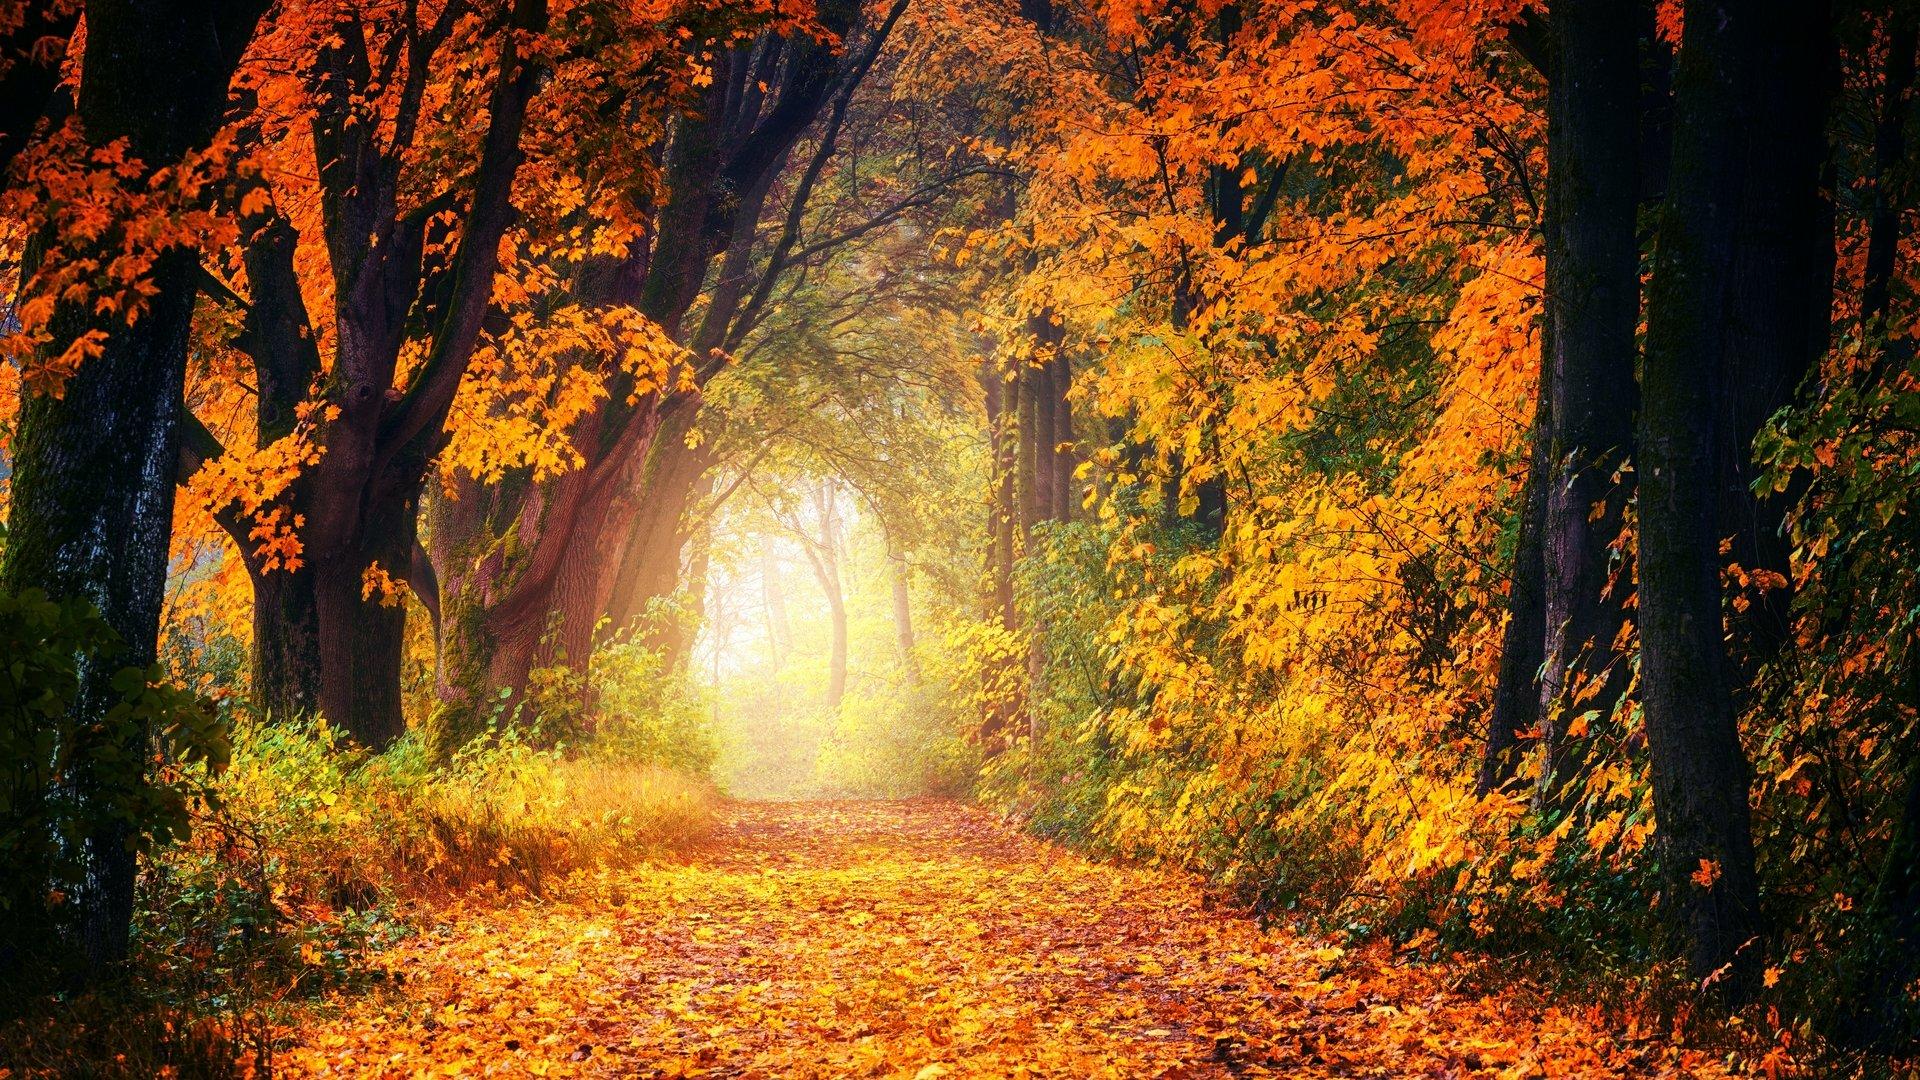 落叶图片_最新图片秋天高清落叶图片10张